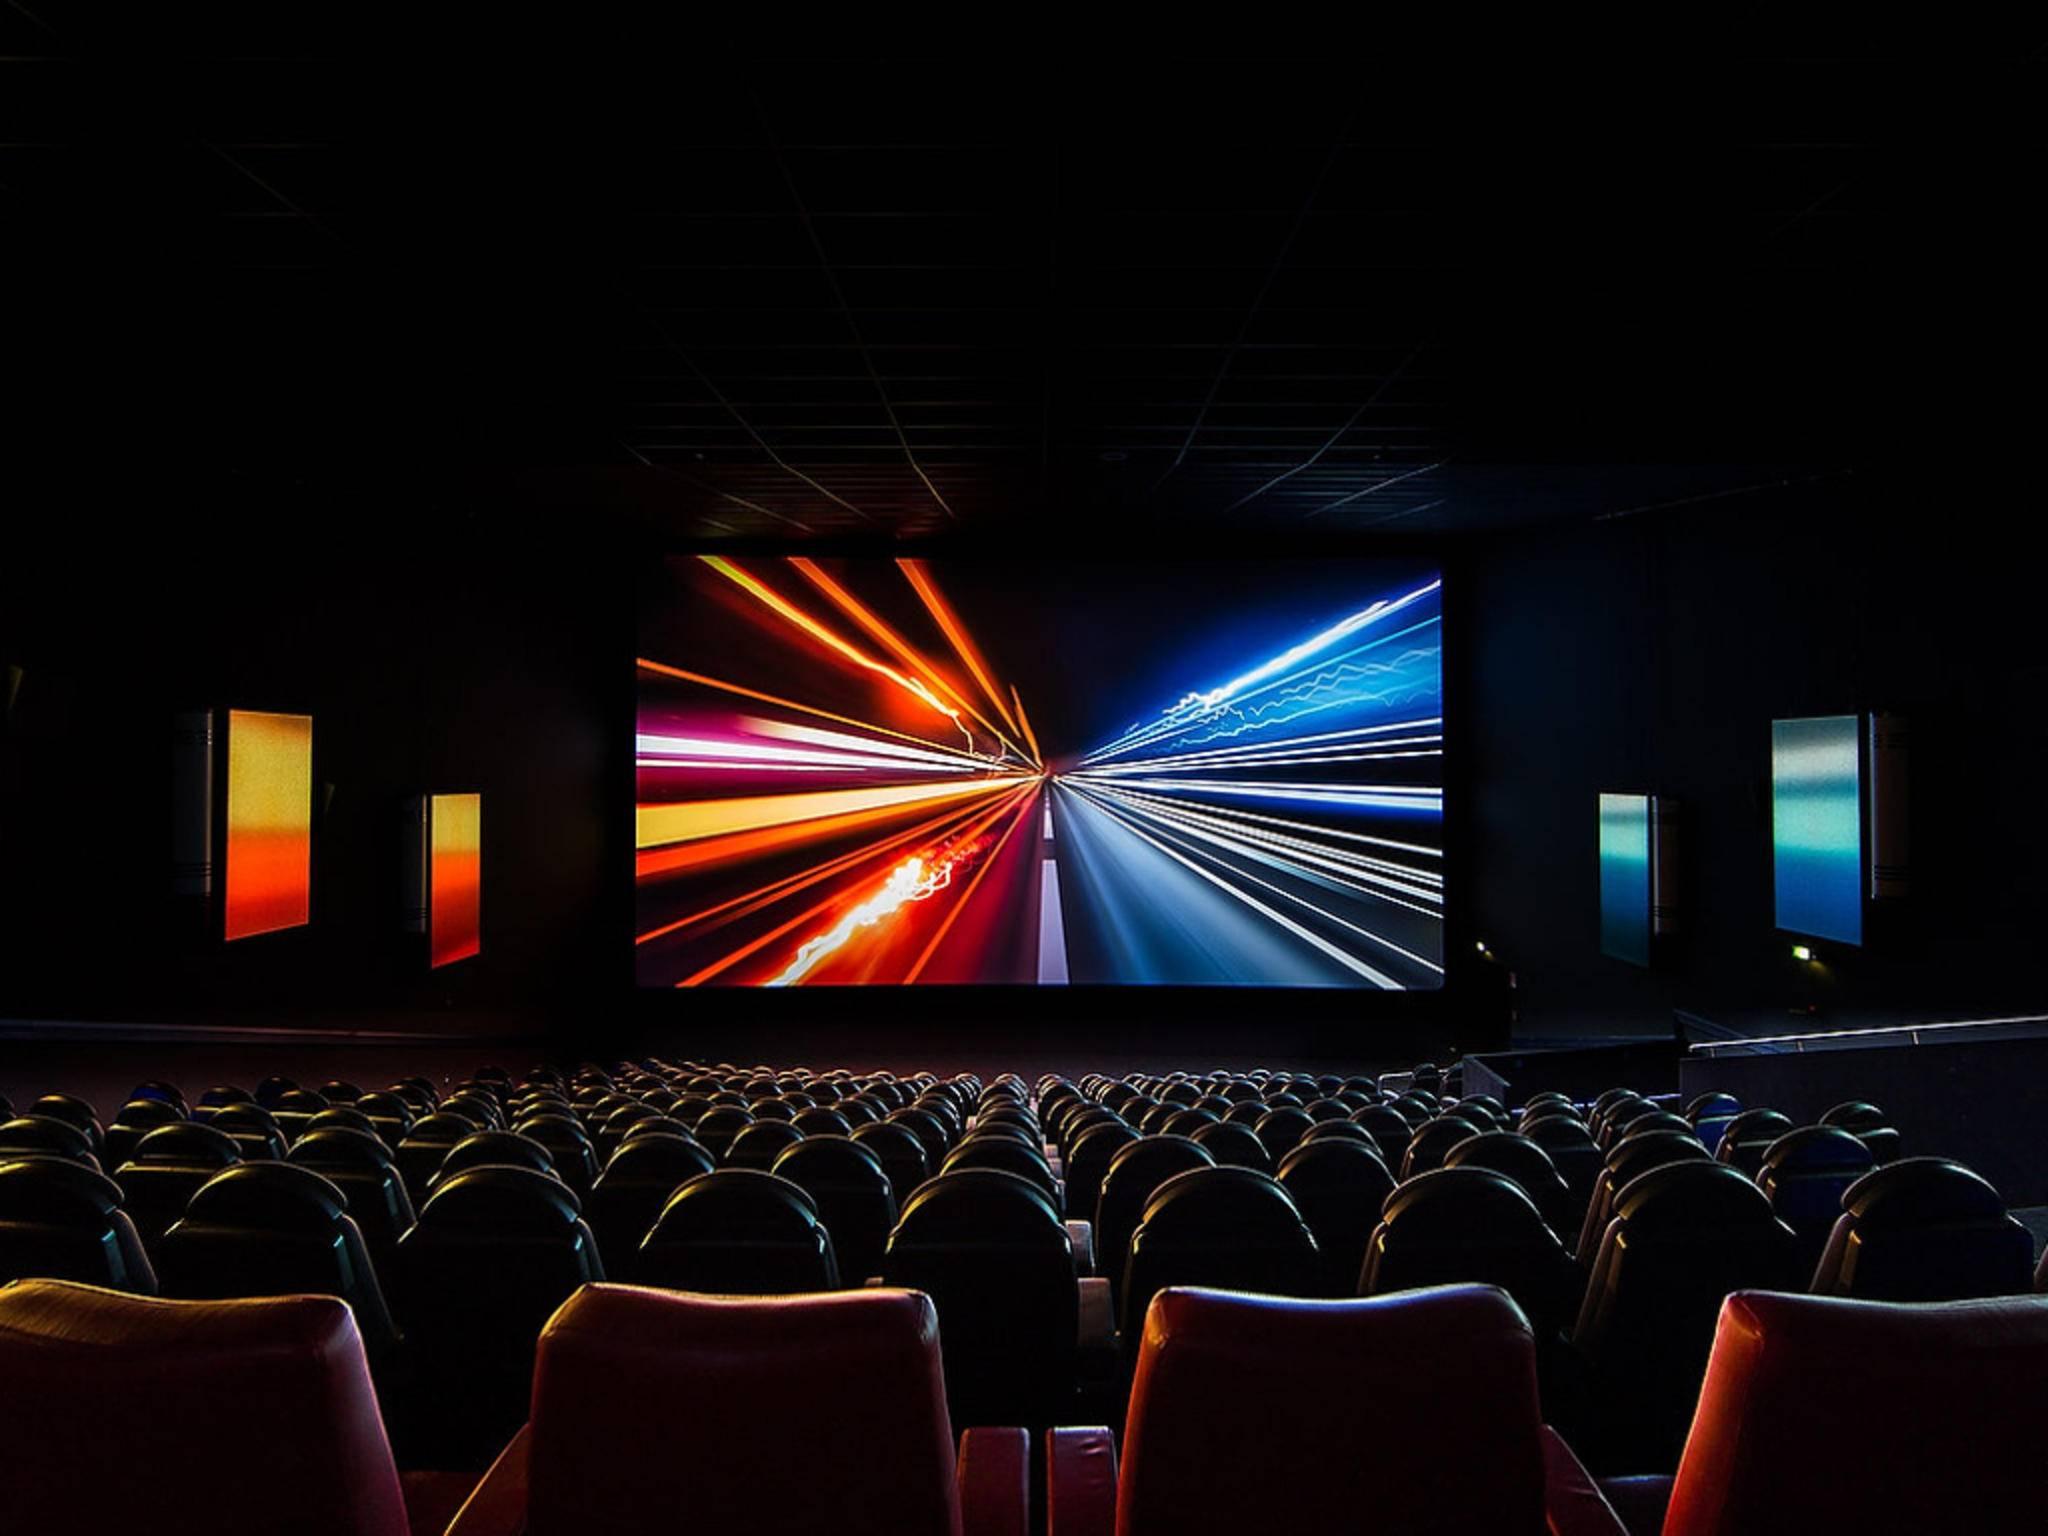 LightVibes soll das Ambilight-Erlebnis ins Kino übertragen.